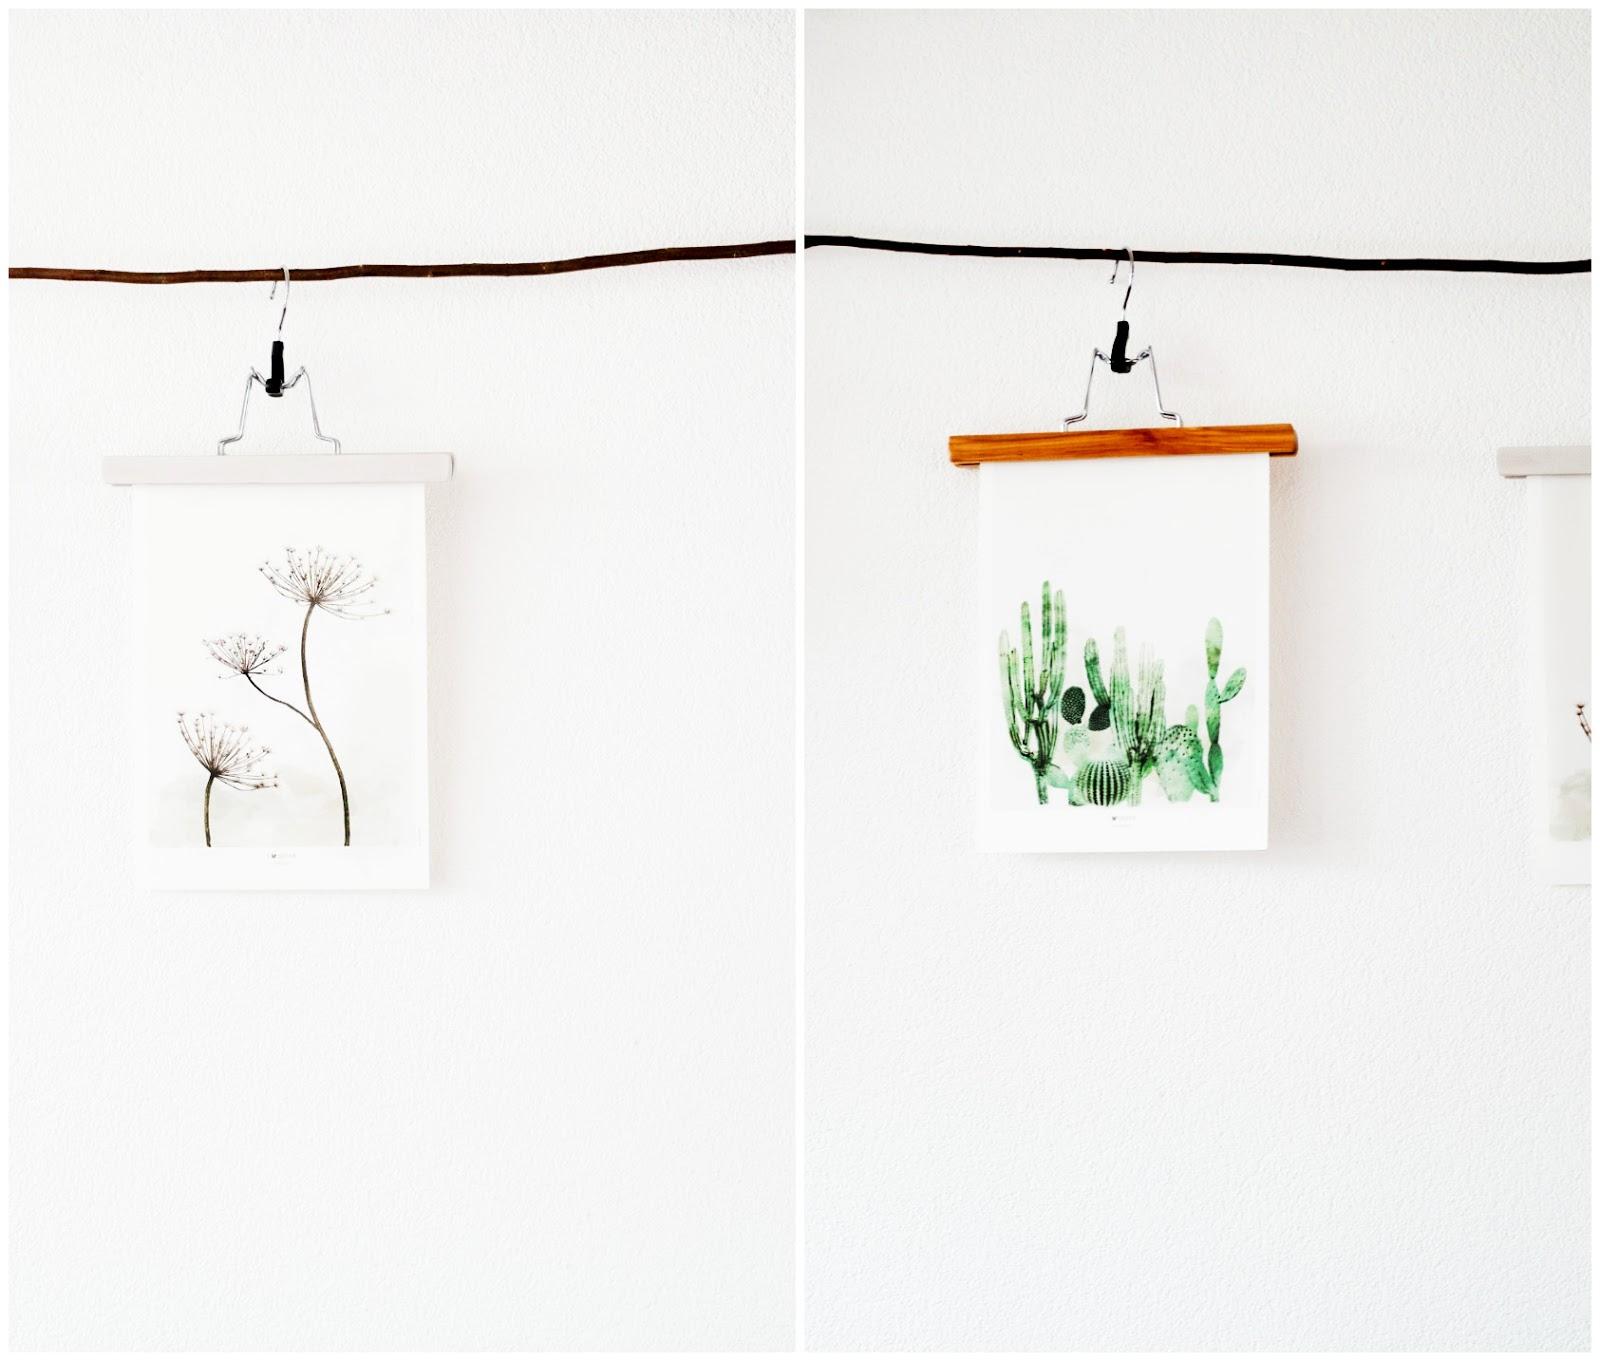 De houten kledinghanger voor broeken zijn het meest populair voor foto's en poters op te kunnen hangen.